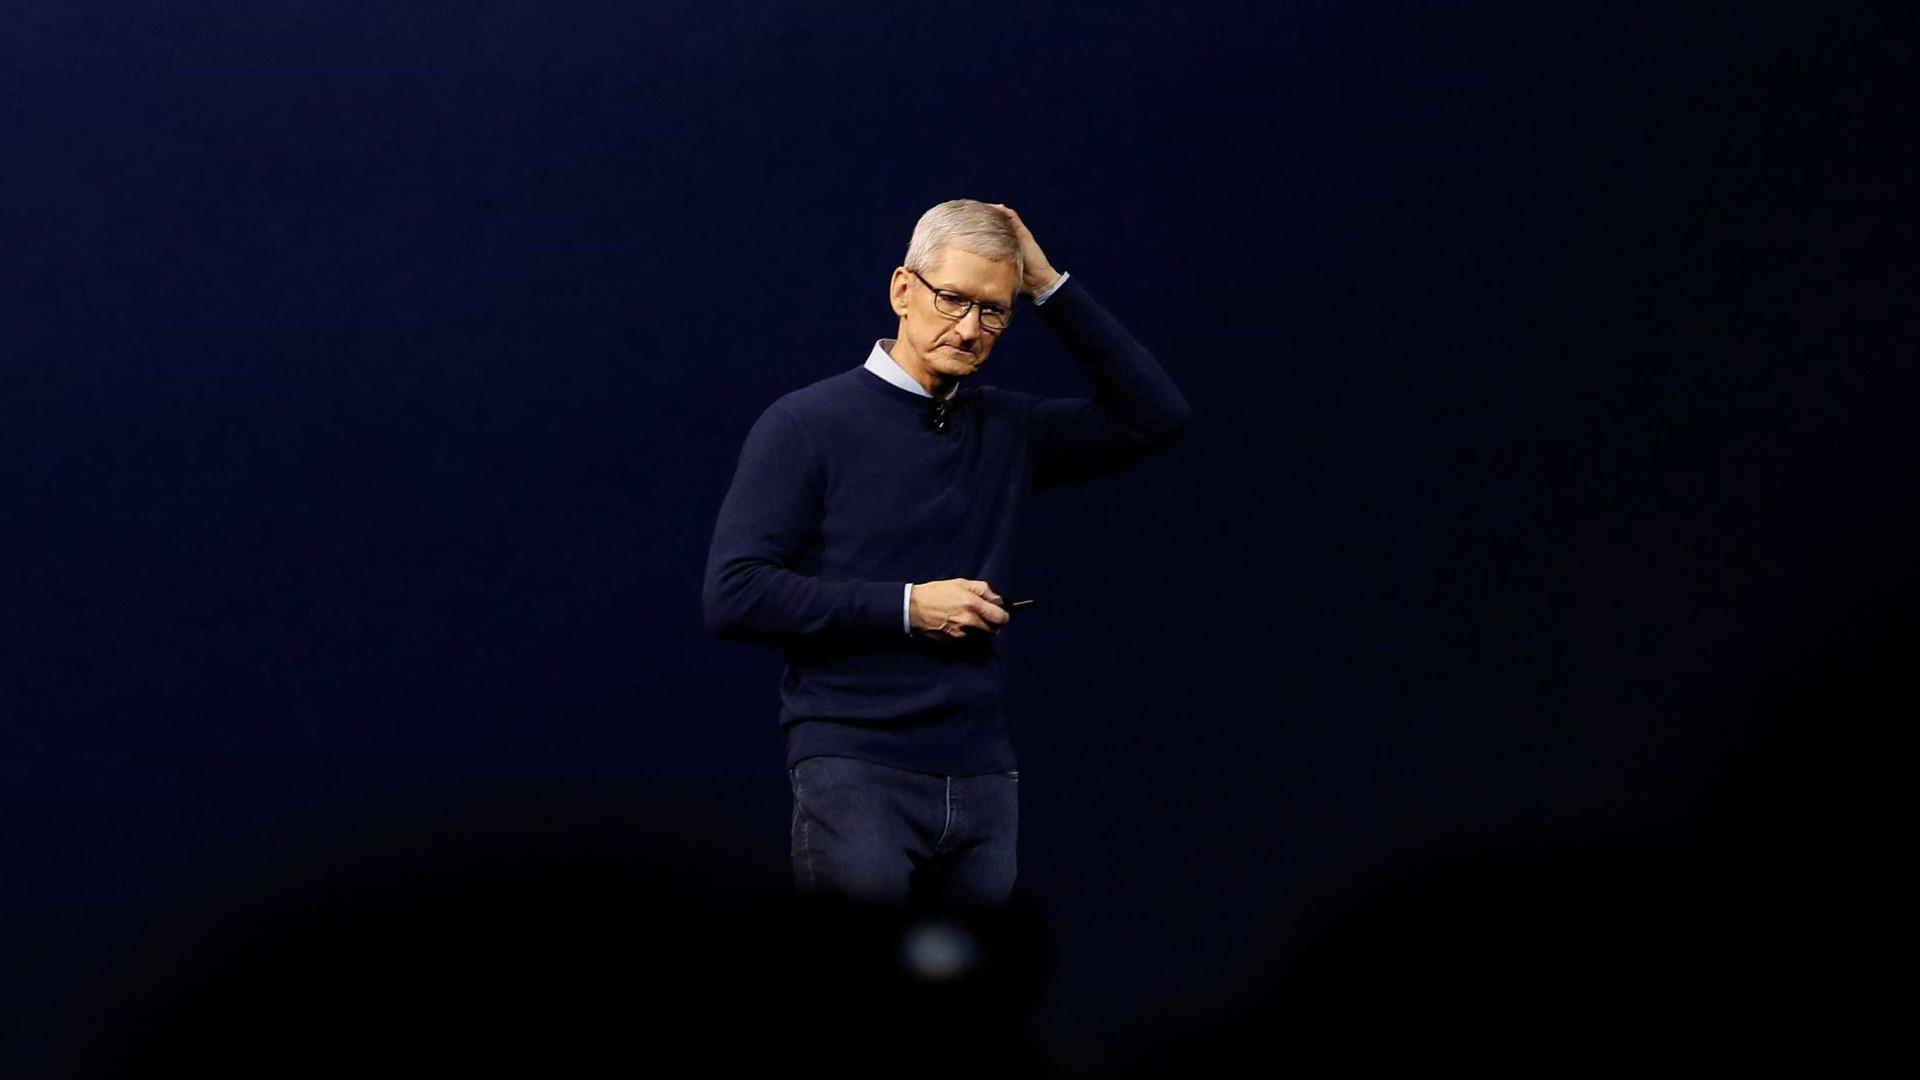 Infowars continua na App Store. Apple explica decisão